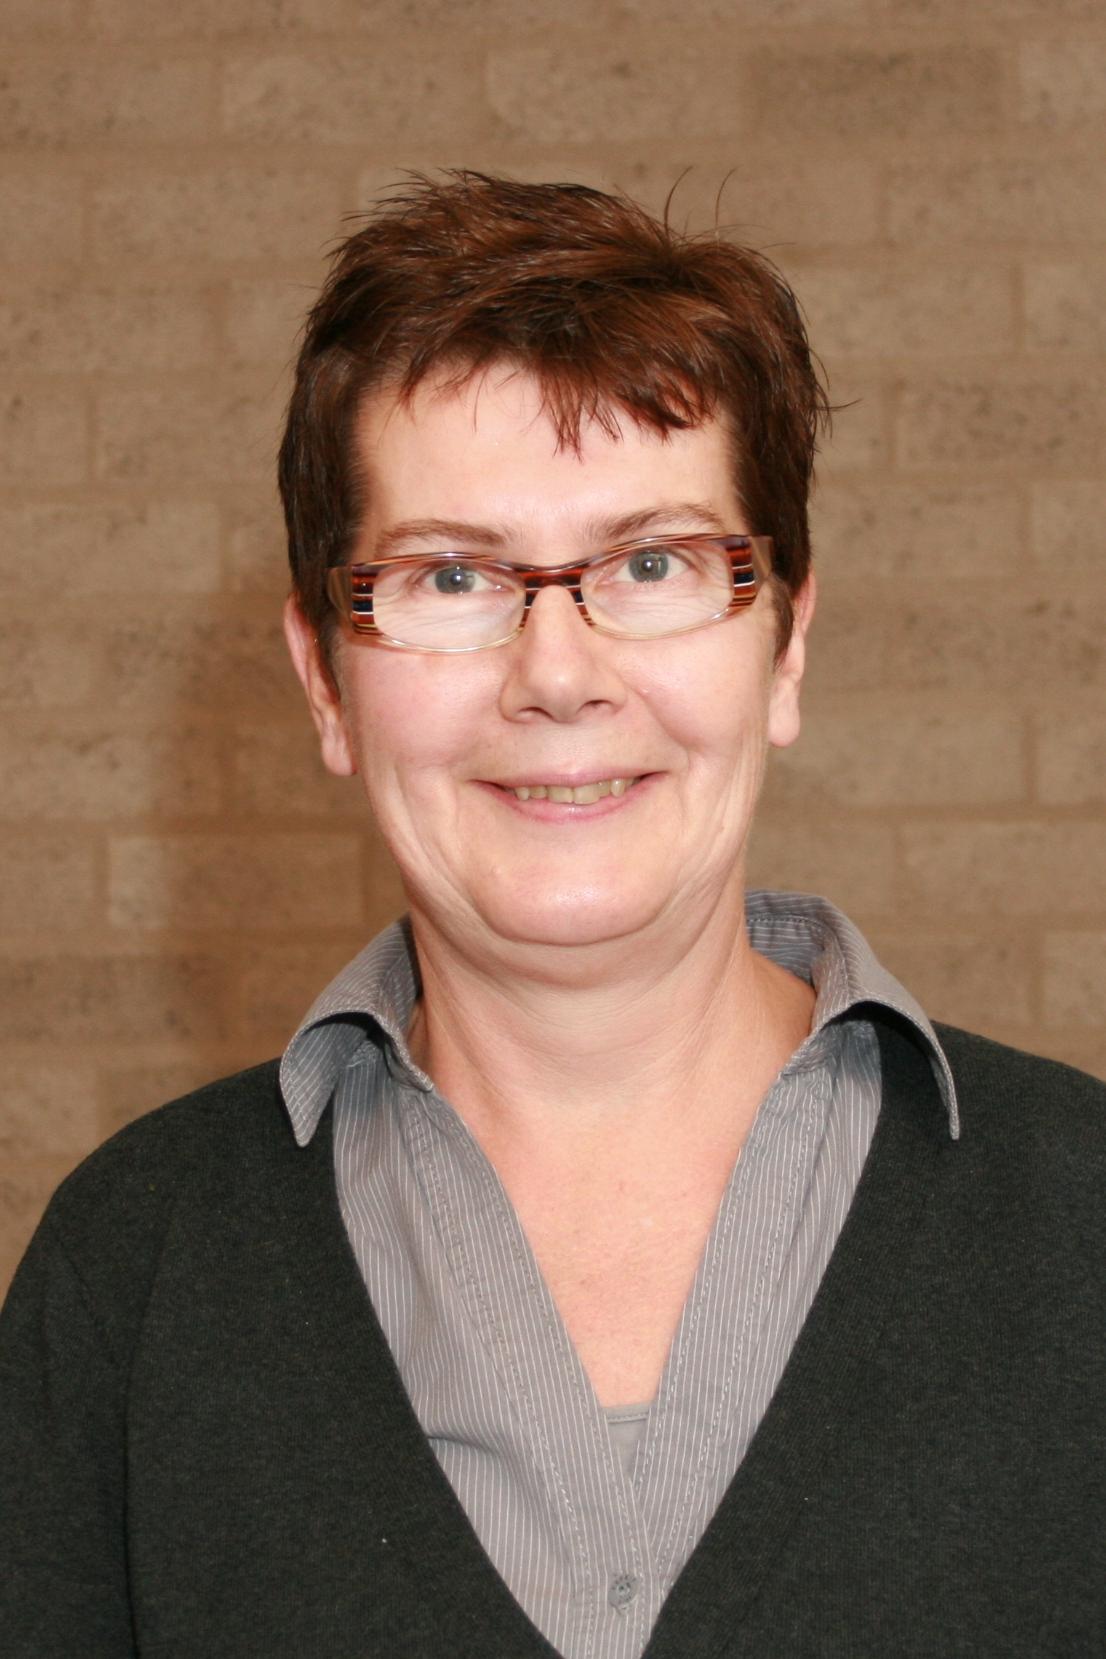 Lianne van der Wee-Pals